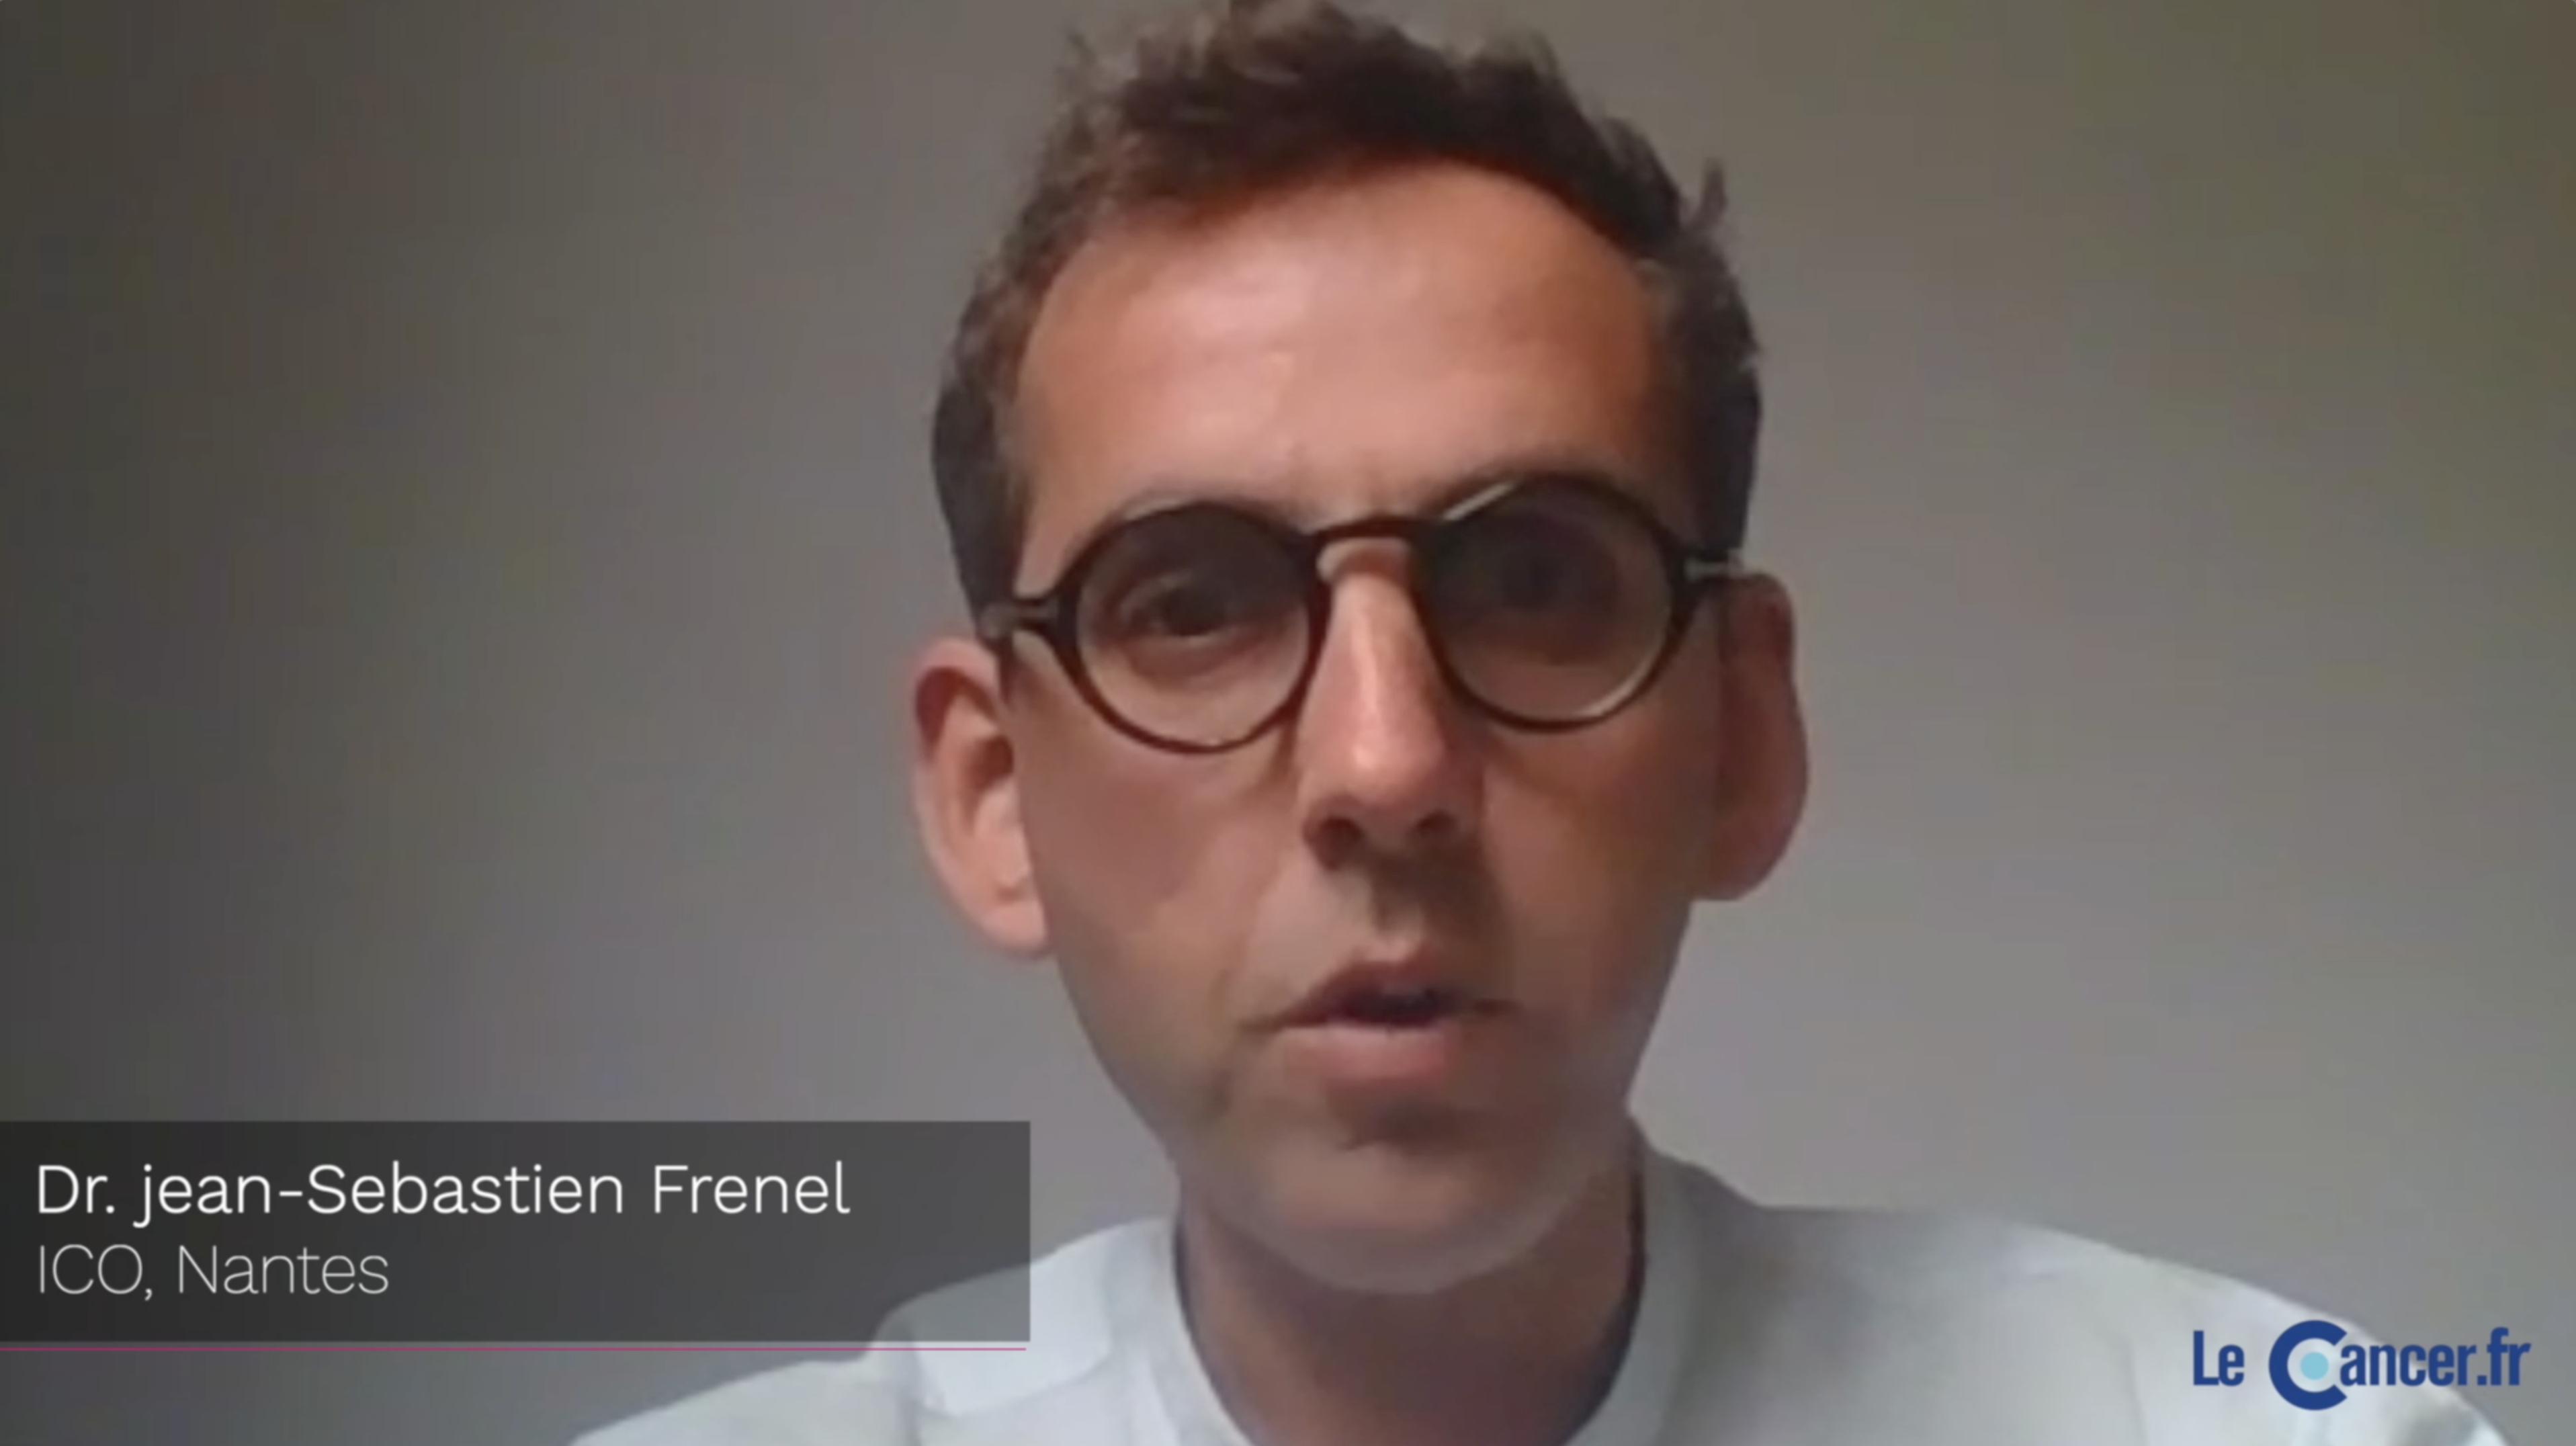 Jean-Sebastien Frenel